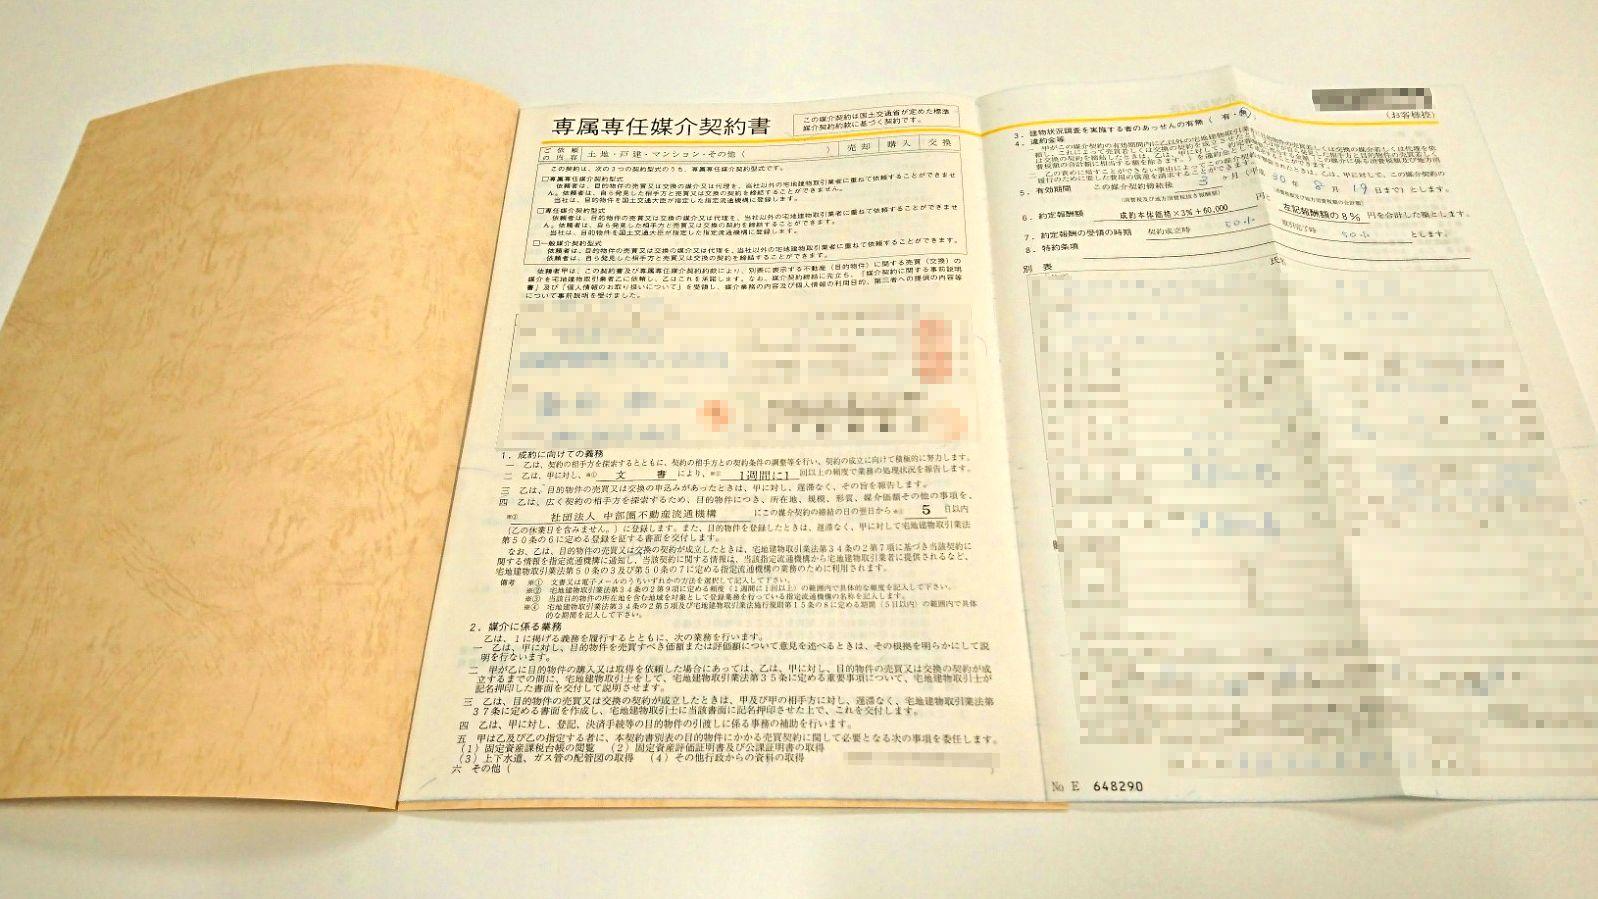 実際の契約書の写真